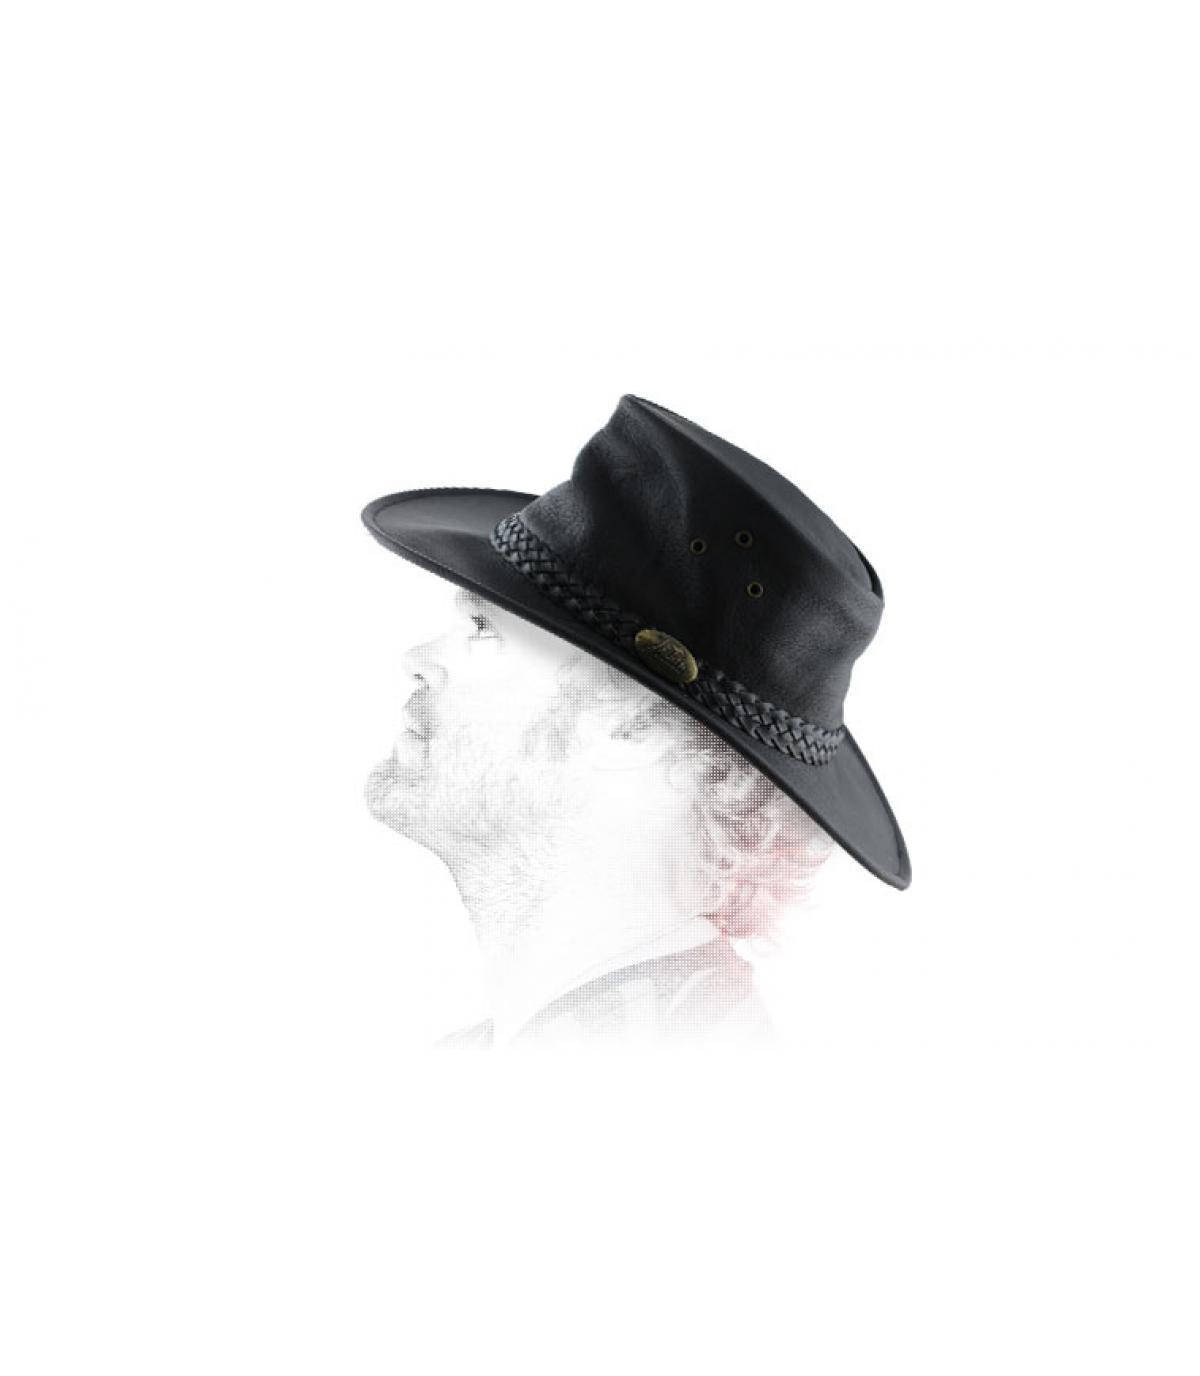 cappello di pelle ingrassata australiano